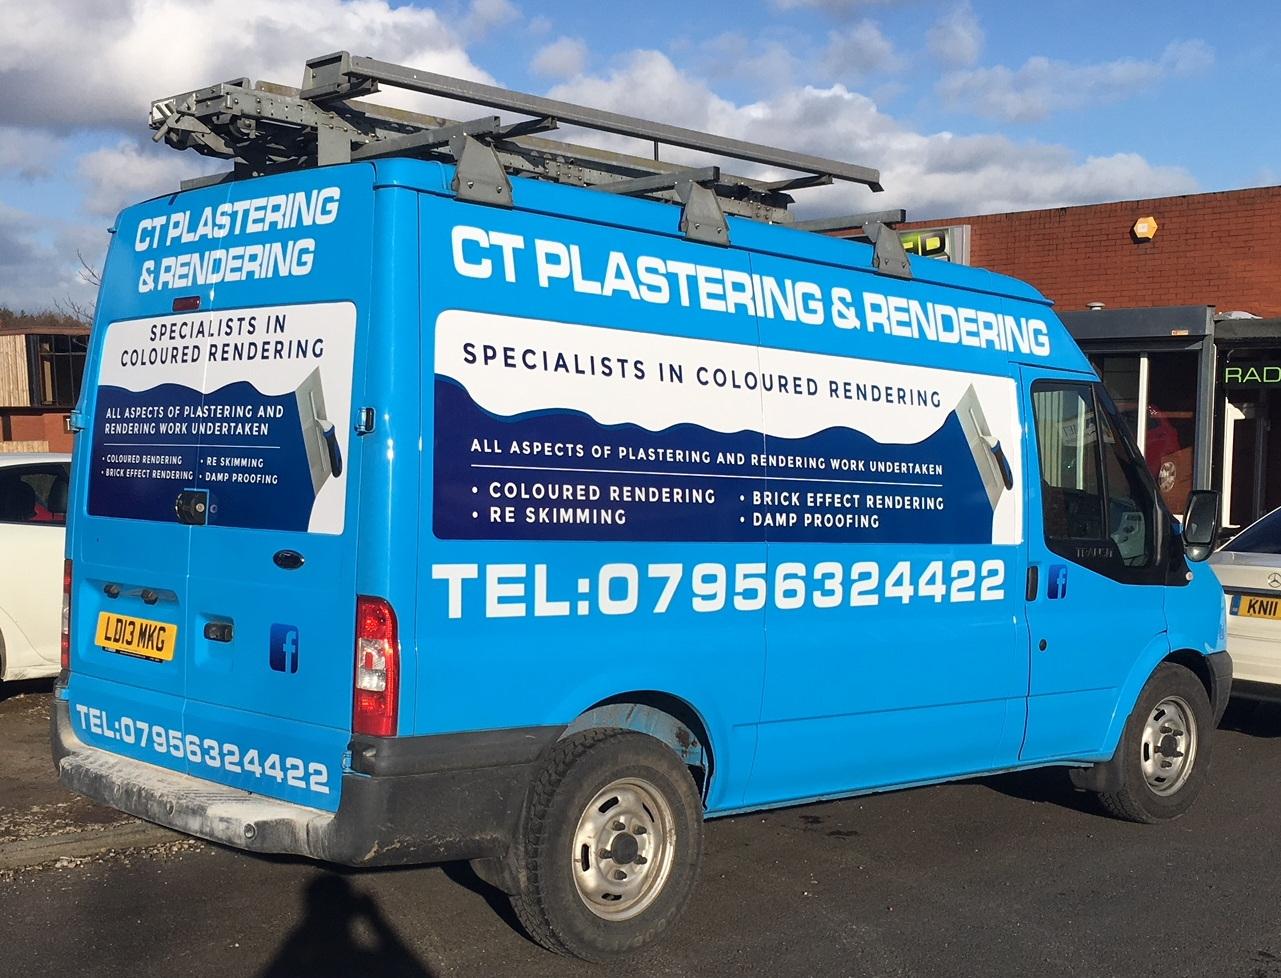 CT PLASTERING & RENDERING